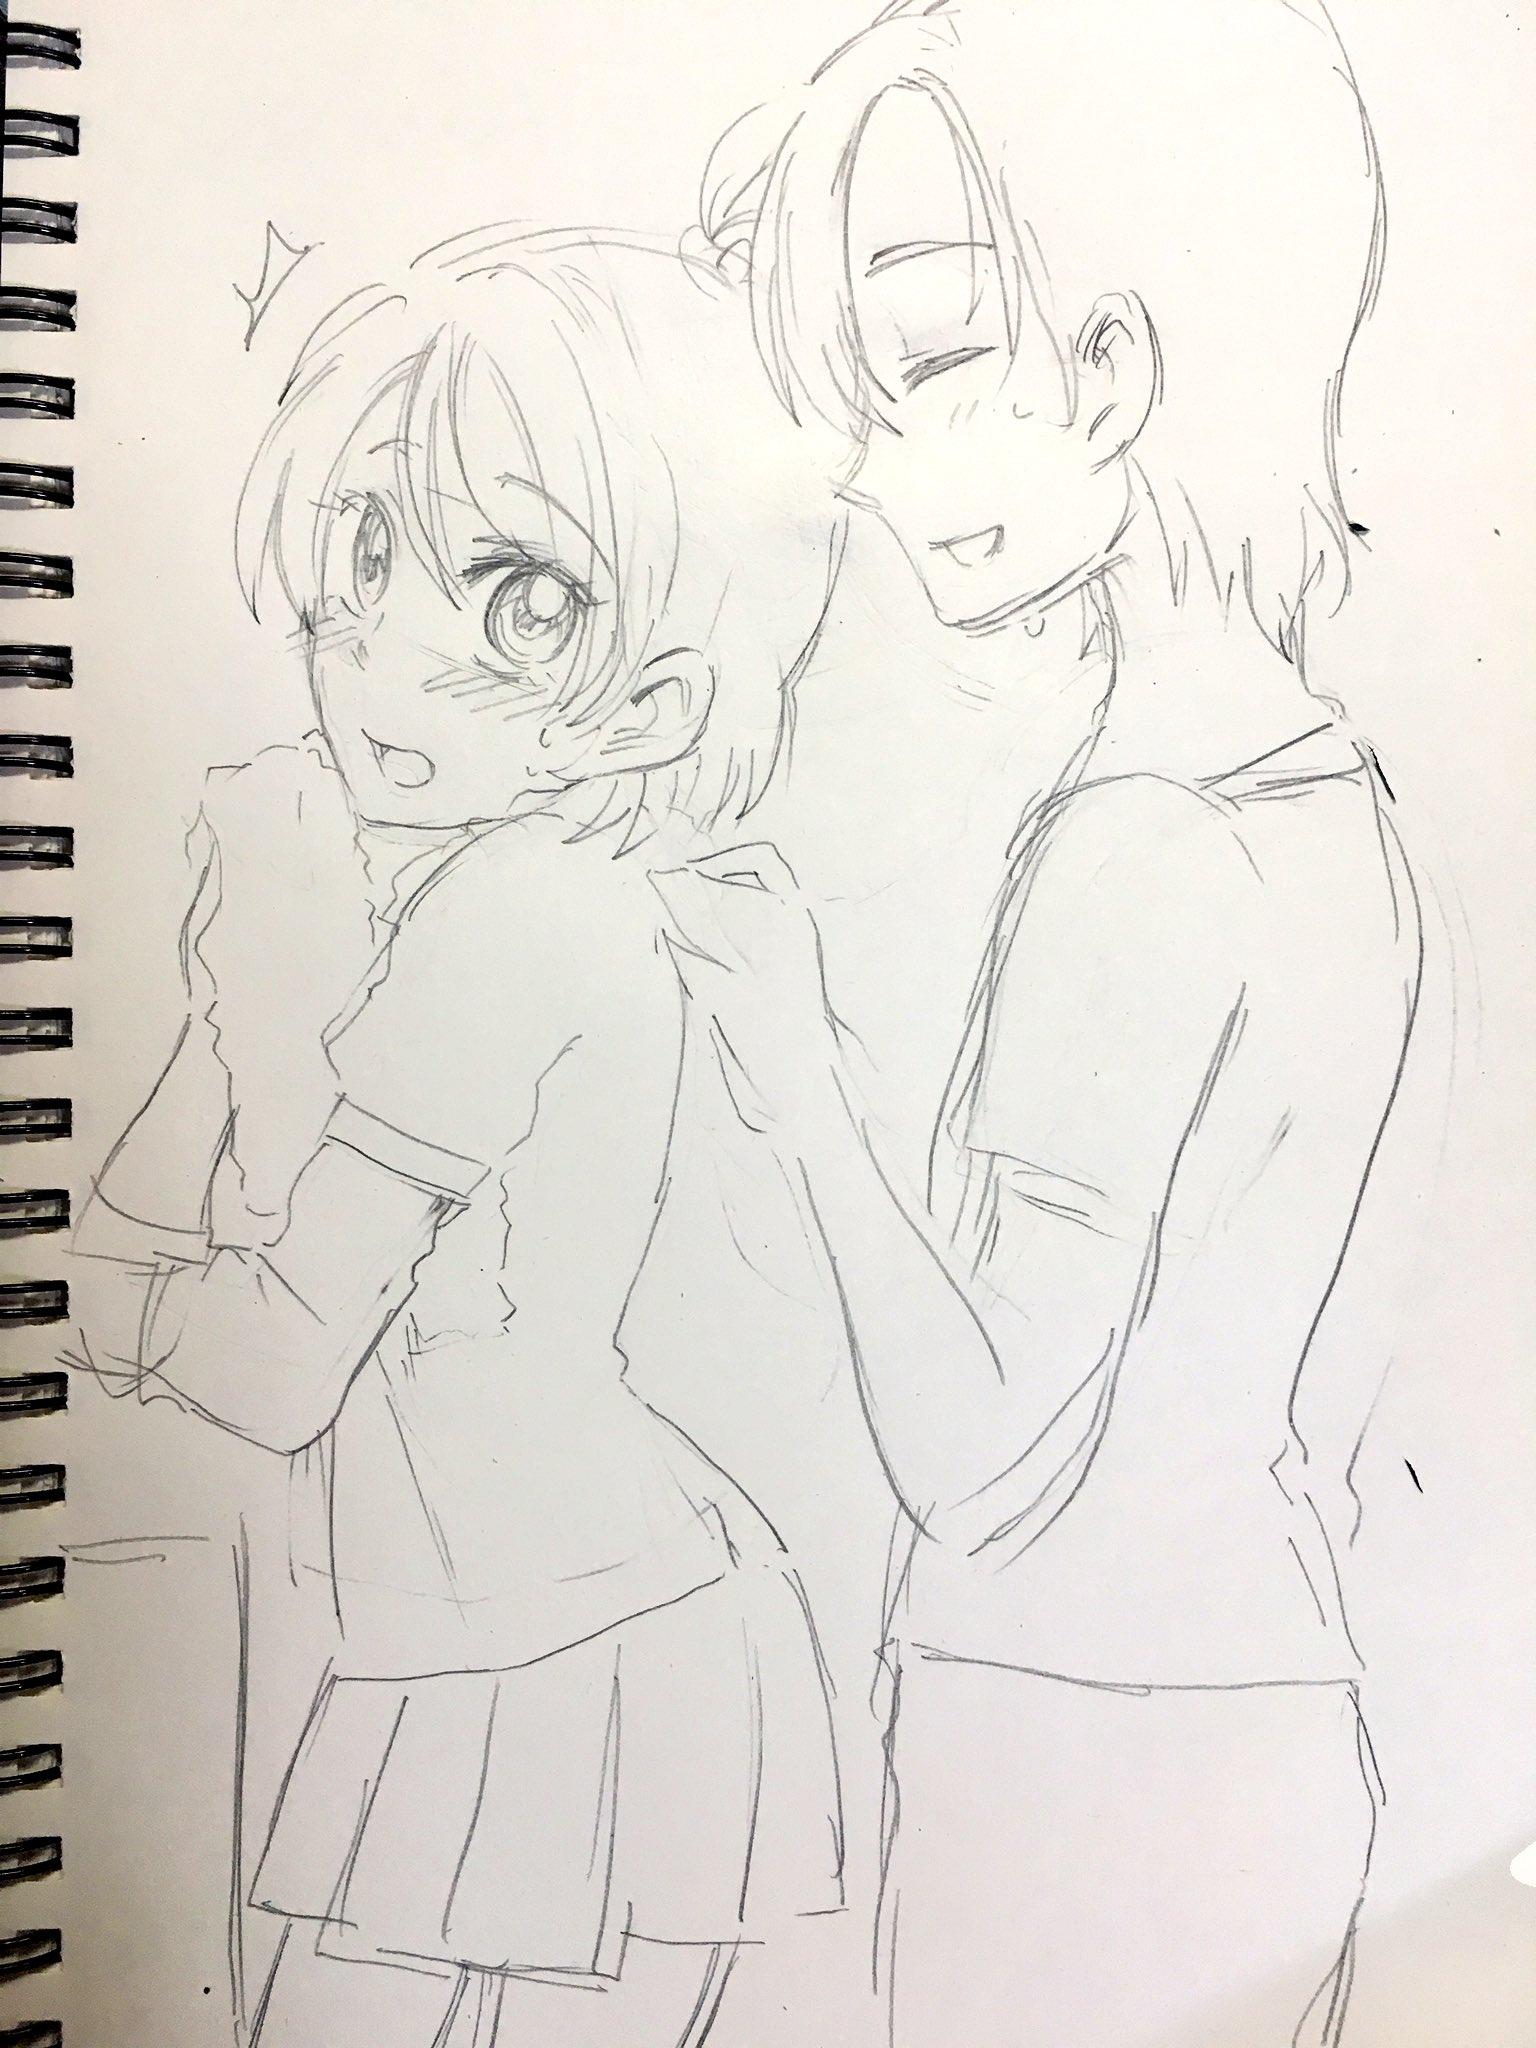 美墨奈津@まつりDX7ありす05 (@fujinagi72)さんのイラスト